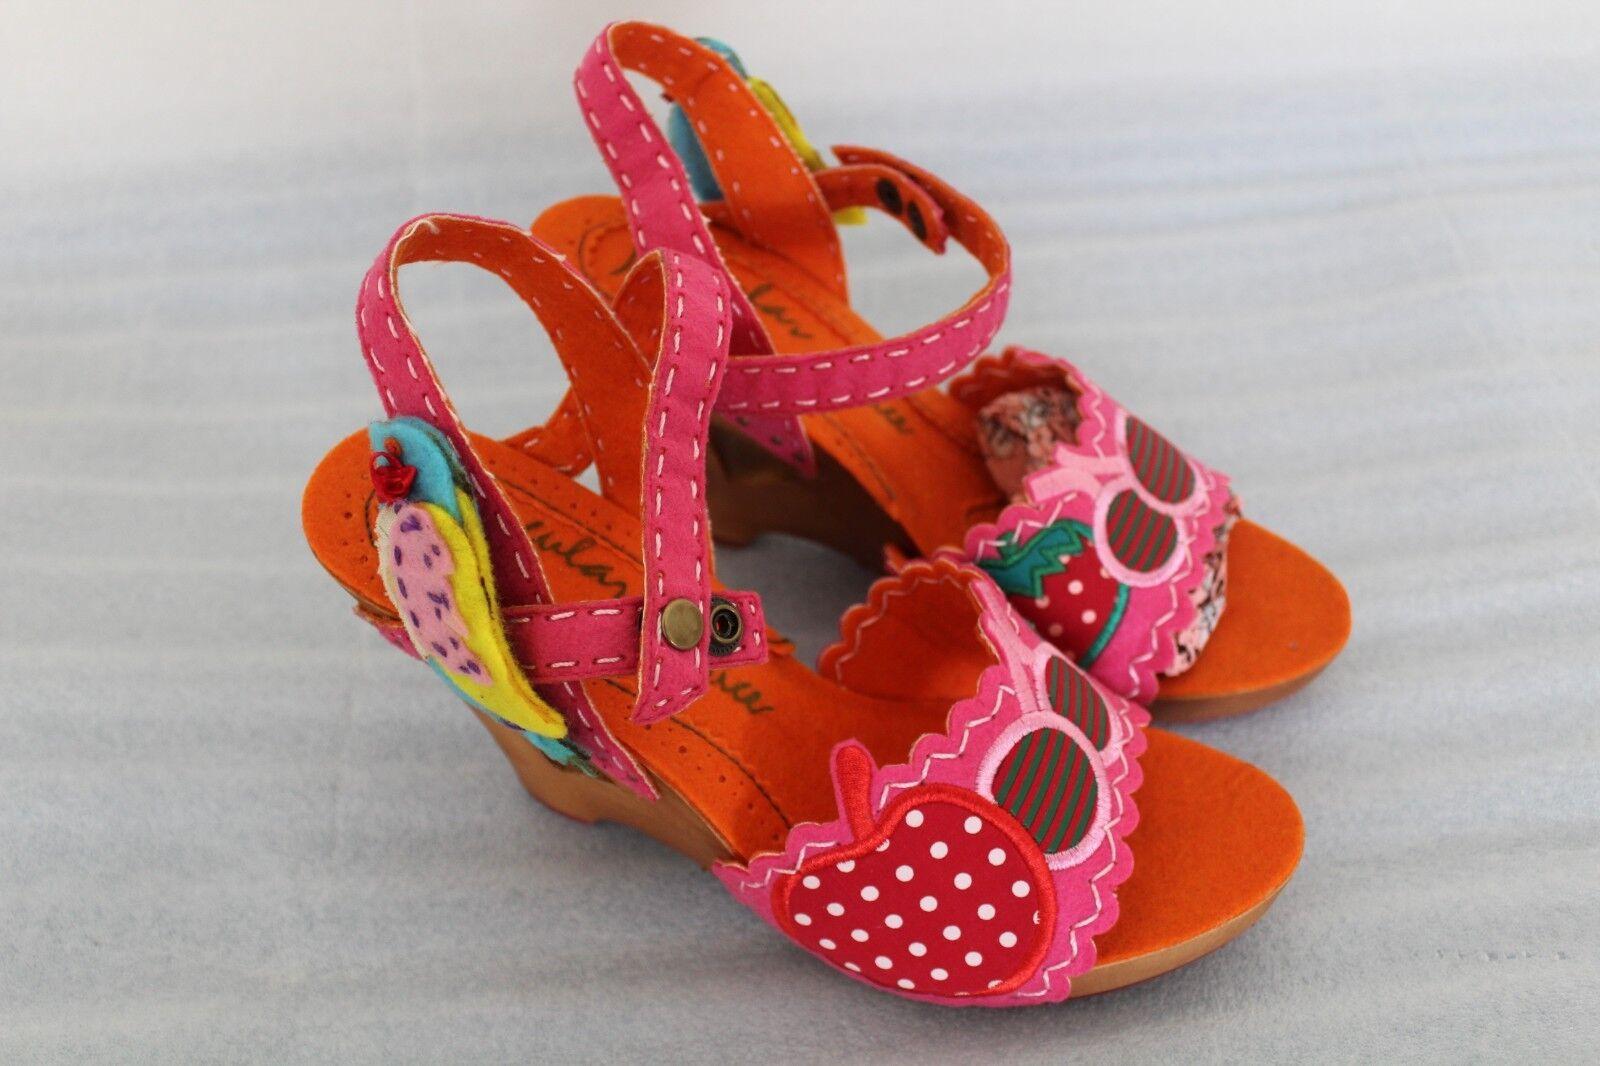 Nuevo Diseño Irregular Choice asilo Jazzy Jazzy Jazzy Bebé rosadododo Rojo Pinup Retro Tacón 38.5 7.5  barato y de alta calidad